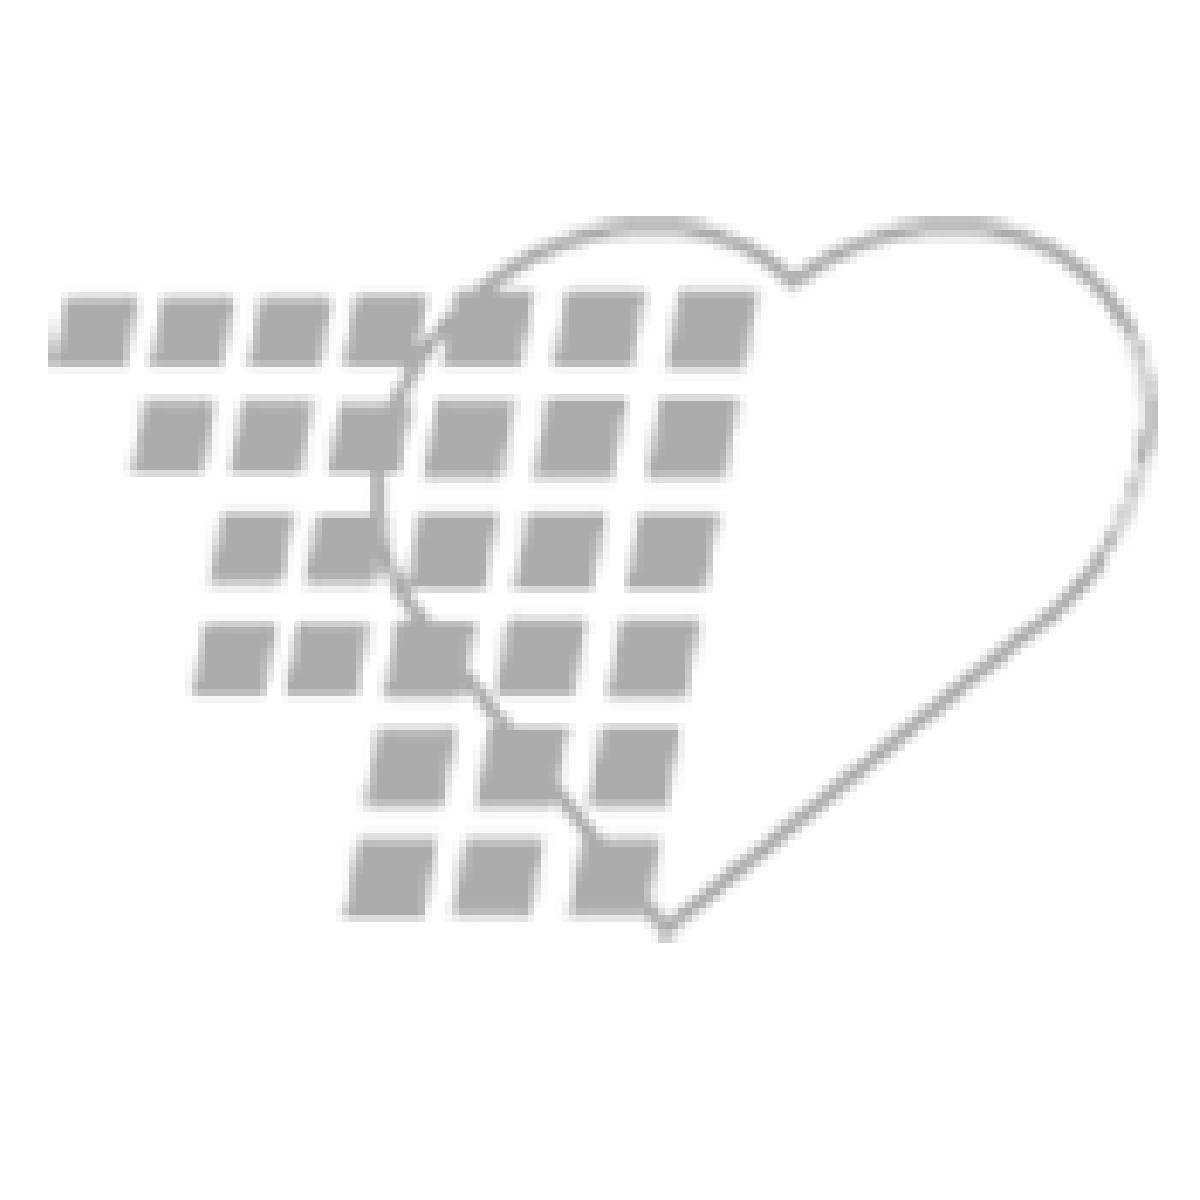 04-25-149 - Divider for Pocket Nurse® Wire Basket Mobile Cart